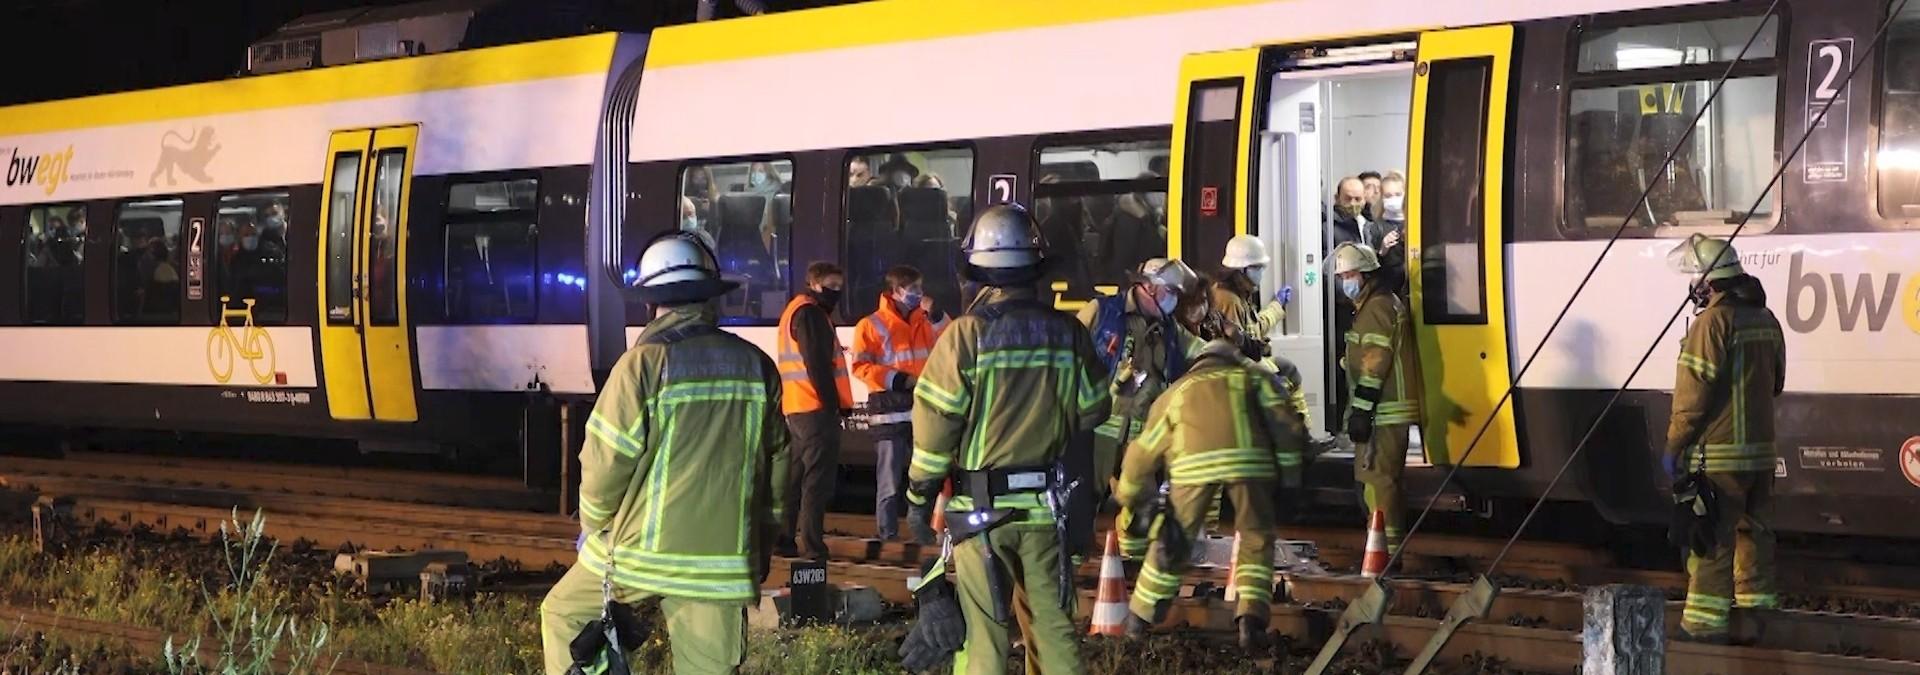 132 Passagiere aus Zug evakuiert